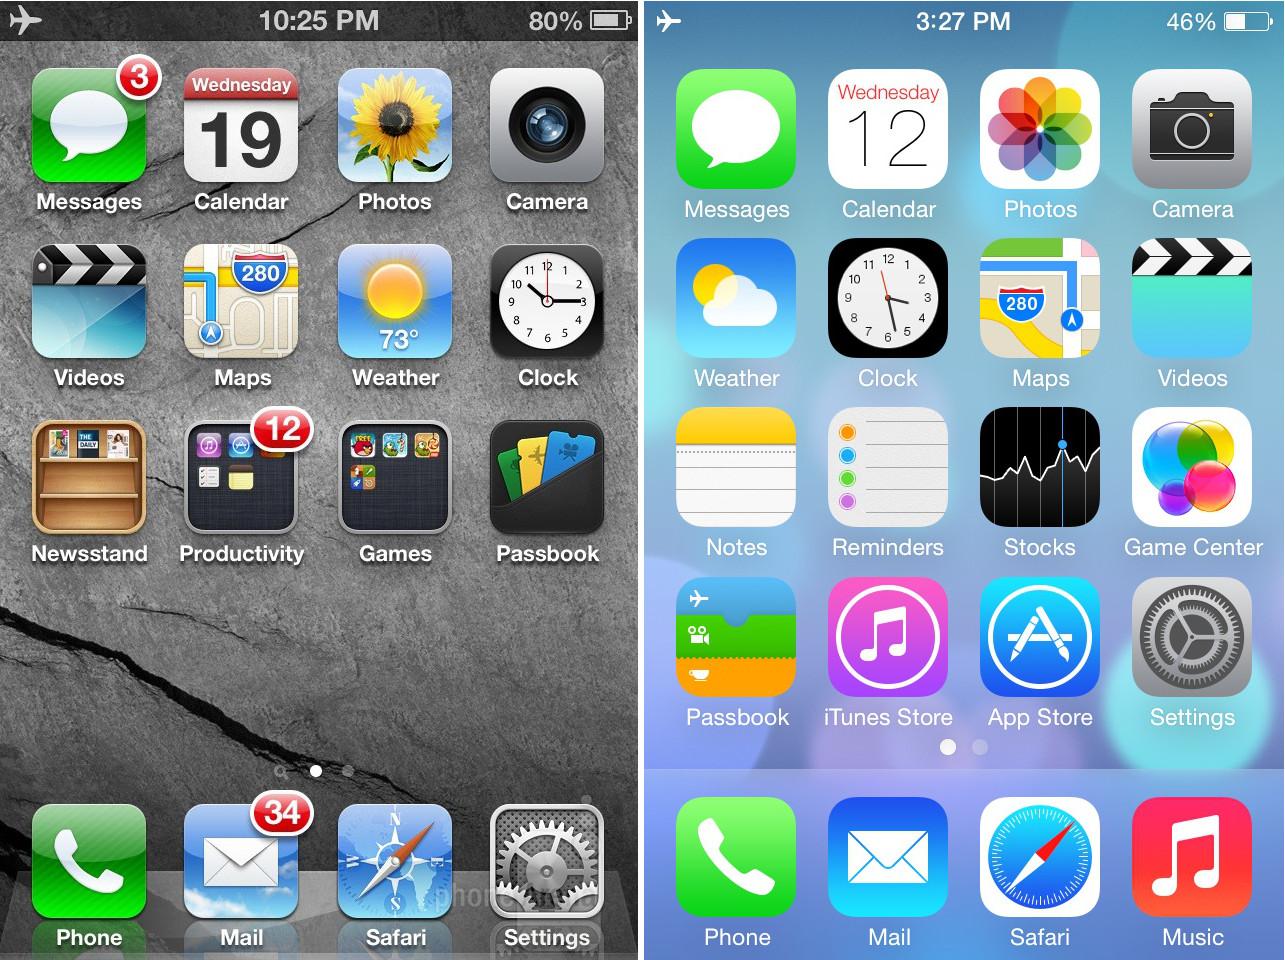 Comparação entre iOS 6 e iOS 7